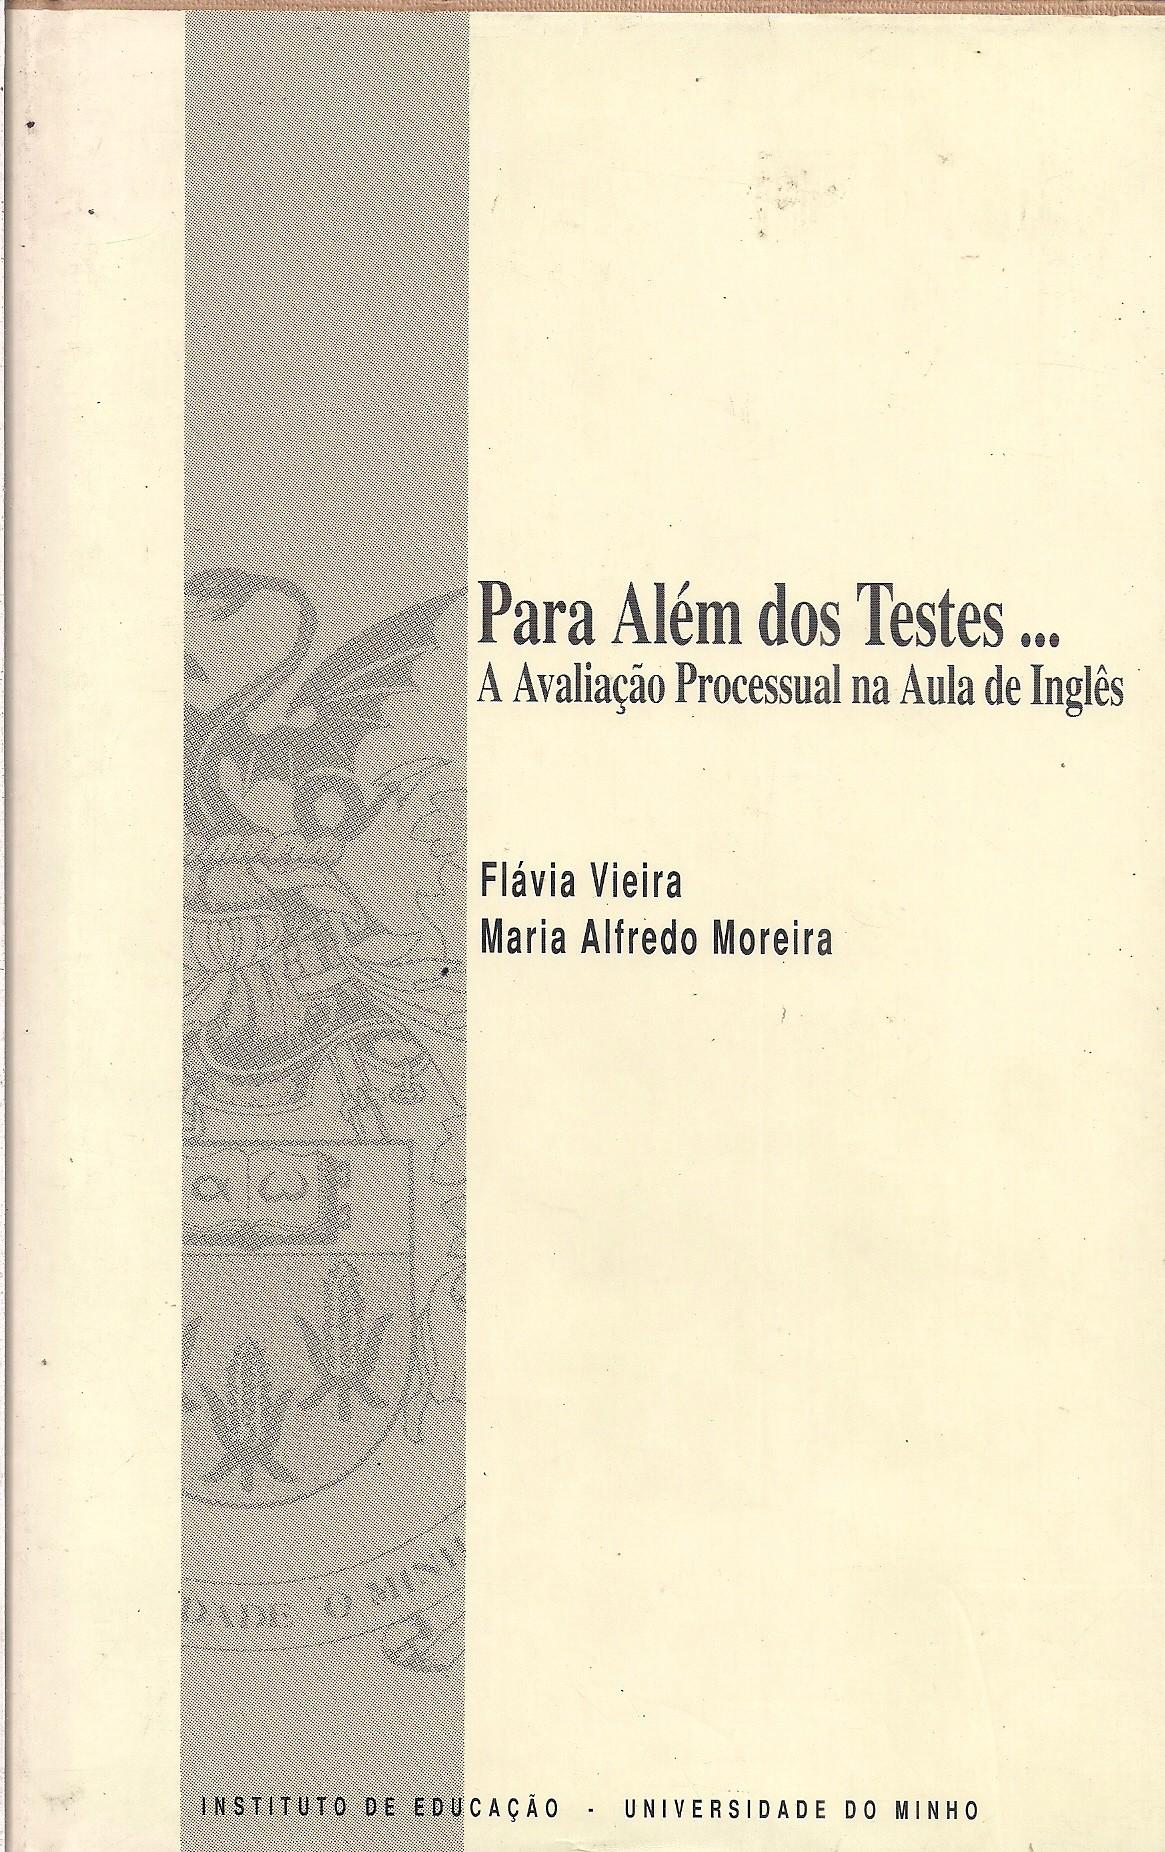 Foto 1 - Para Além dos Testes... A avaliação processual na aula de inglês